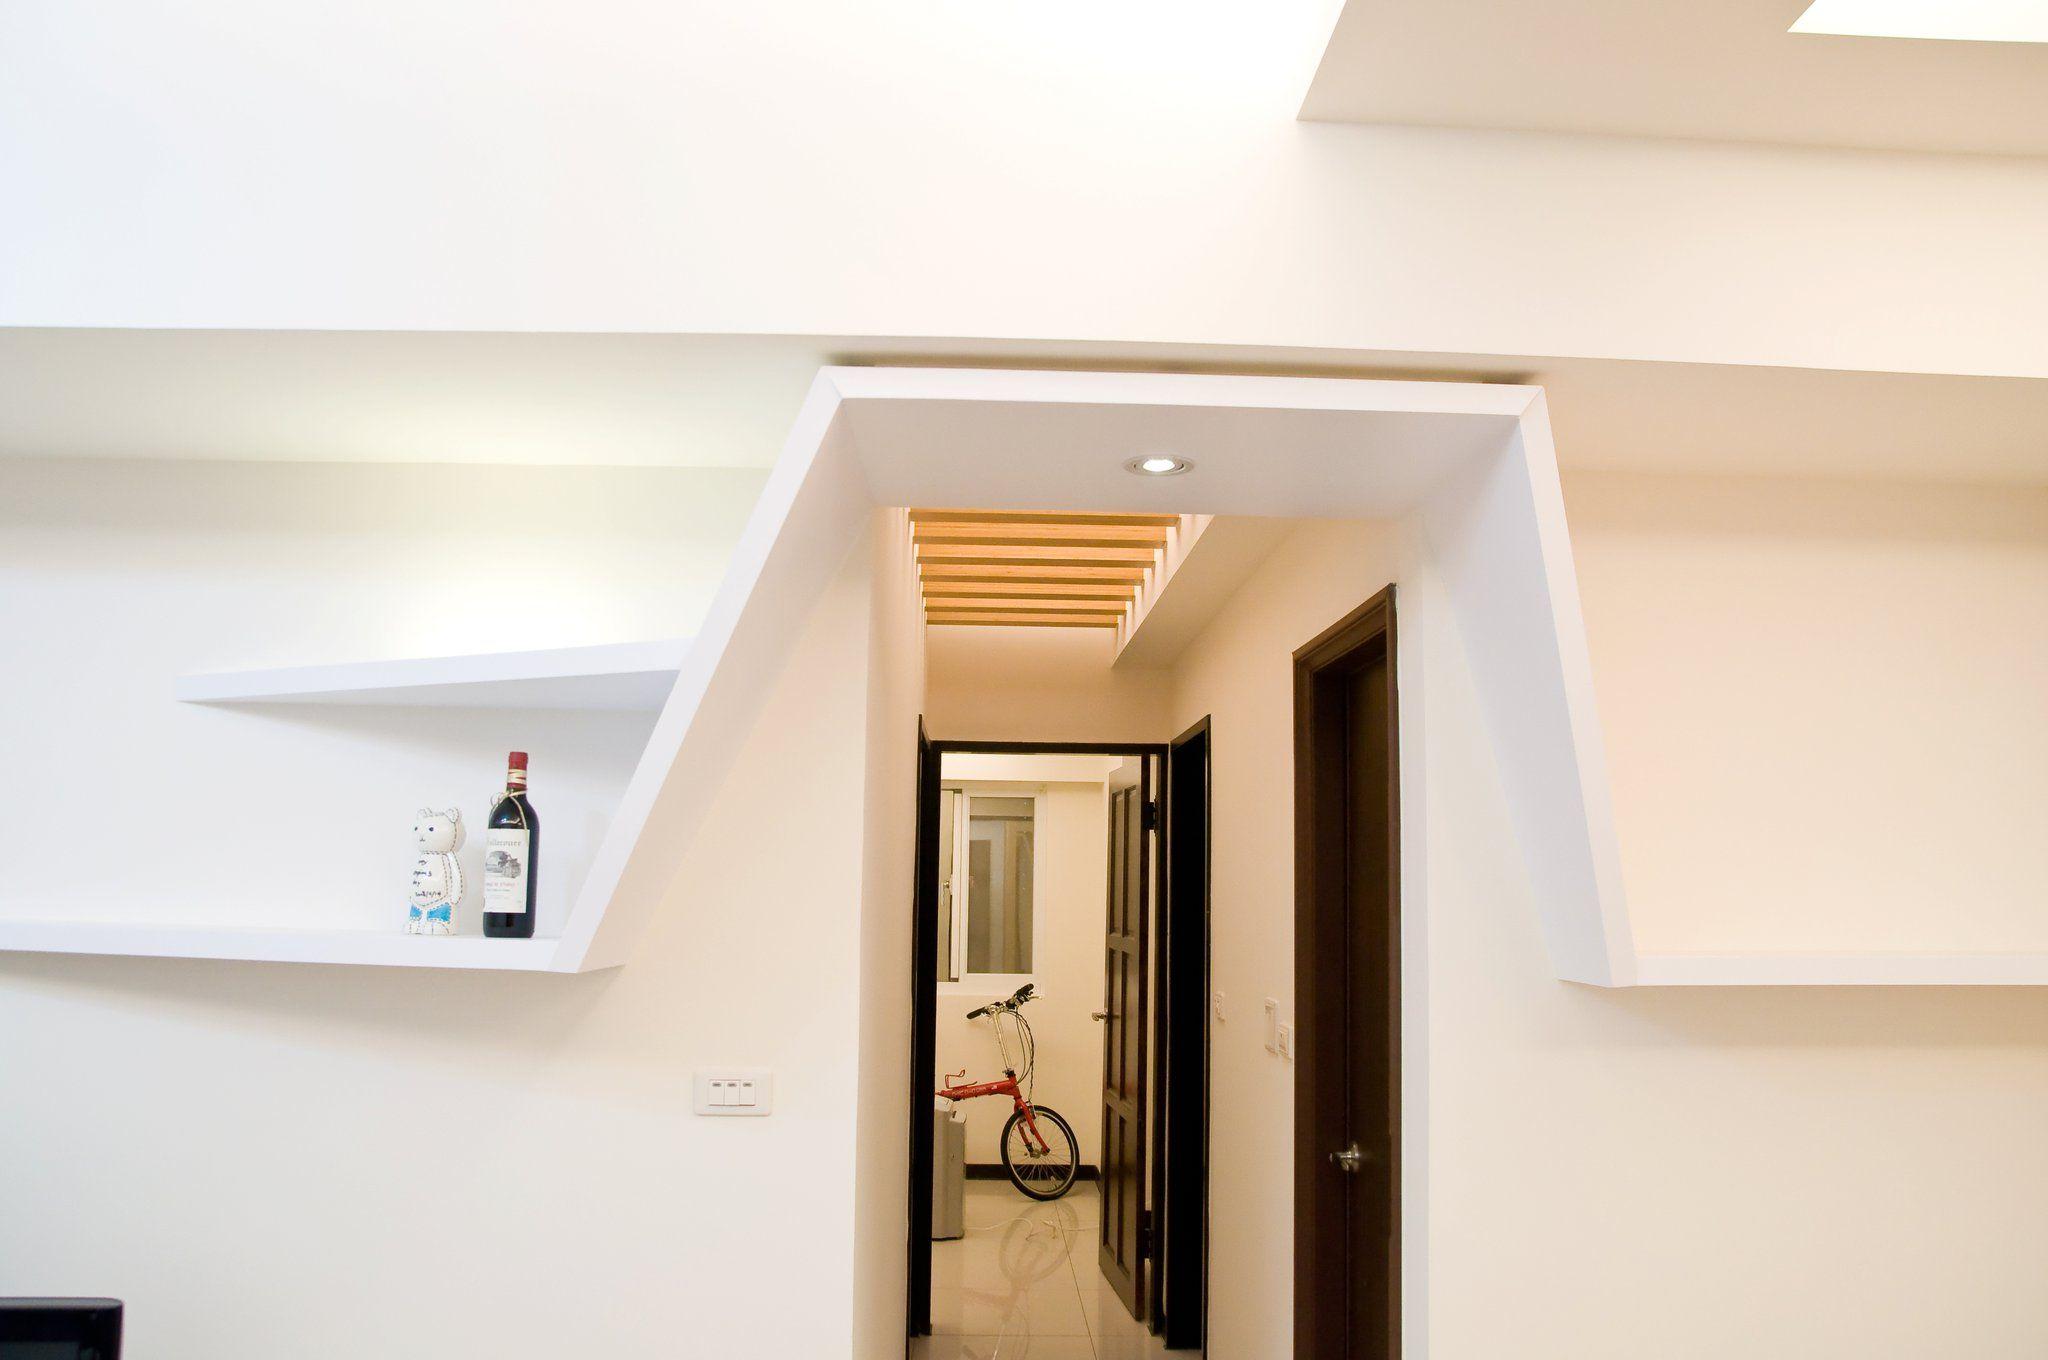 走廊天花板設計 木頭花樣的木格柵 木樑 層板燈 利用木頭溫潤感 為